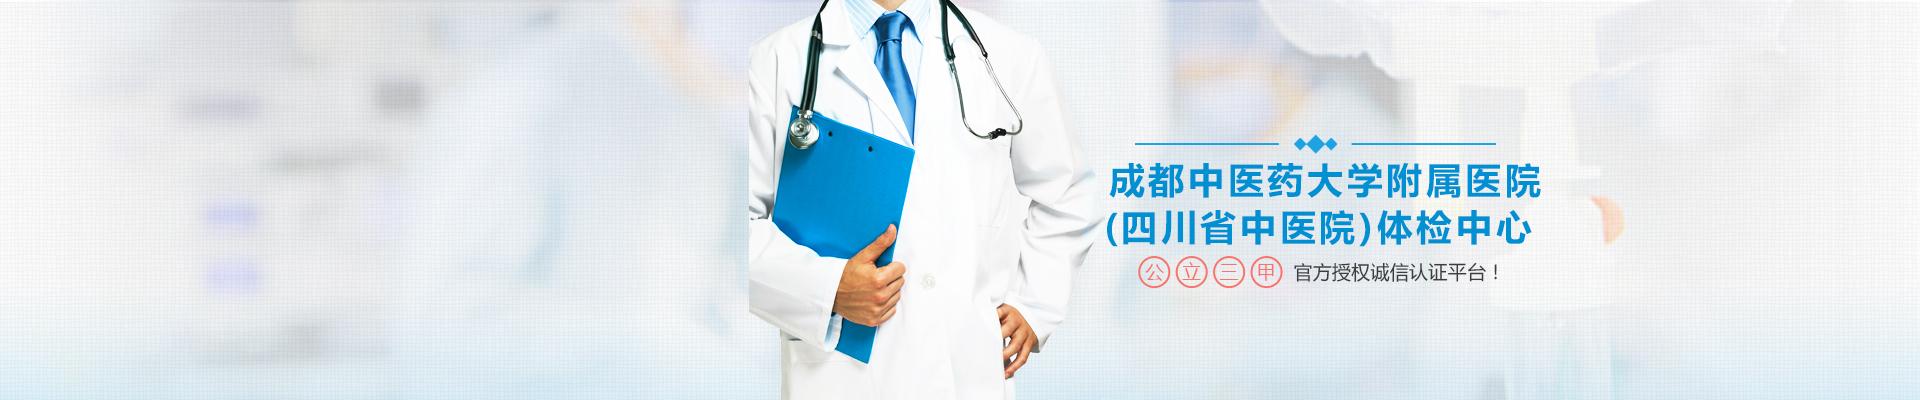 成都中医药大学附属医院(四川省中医院)体检中心